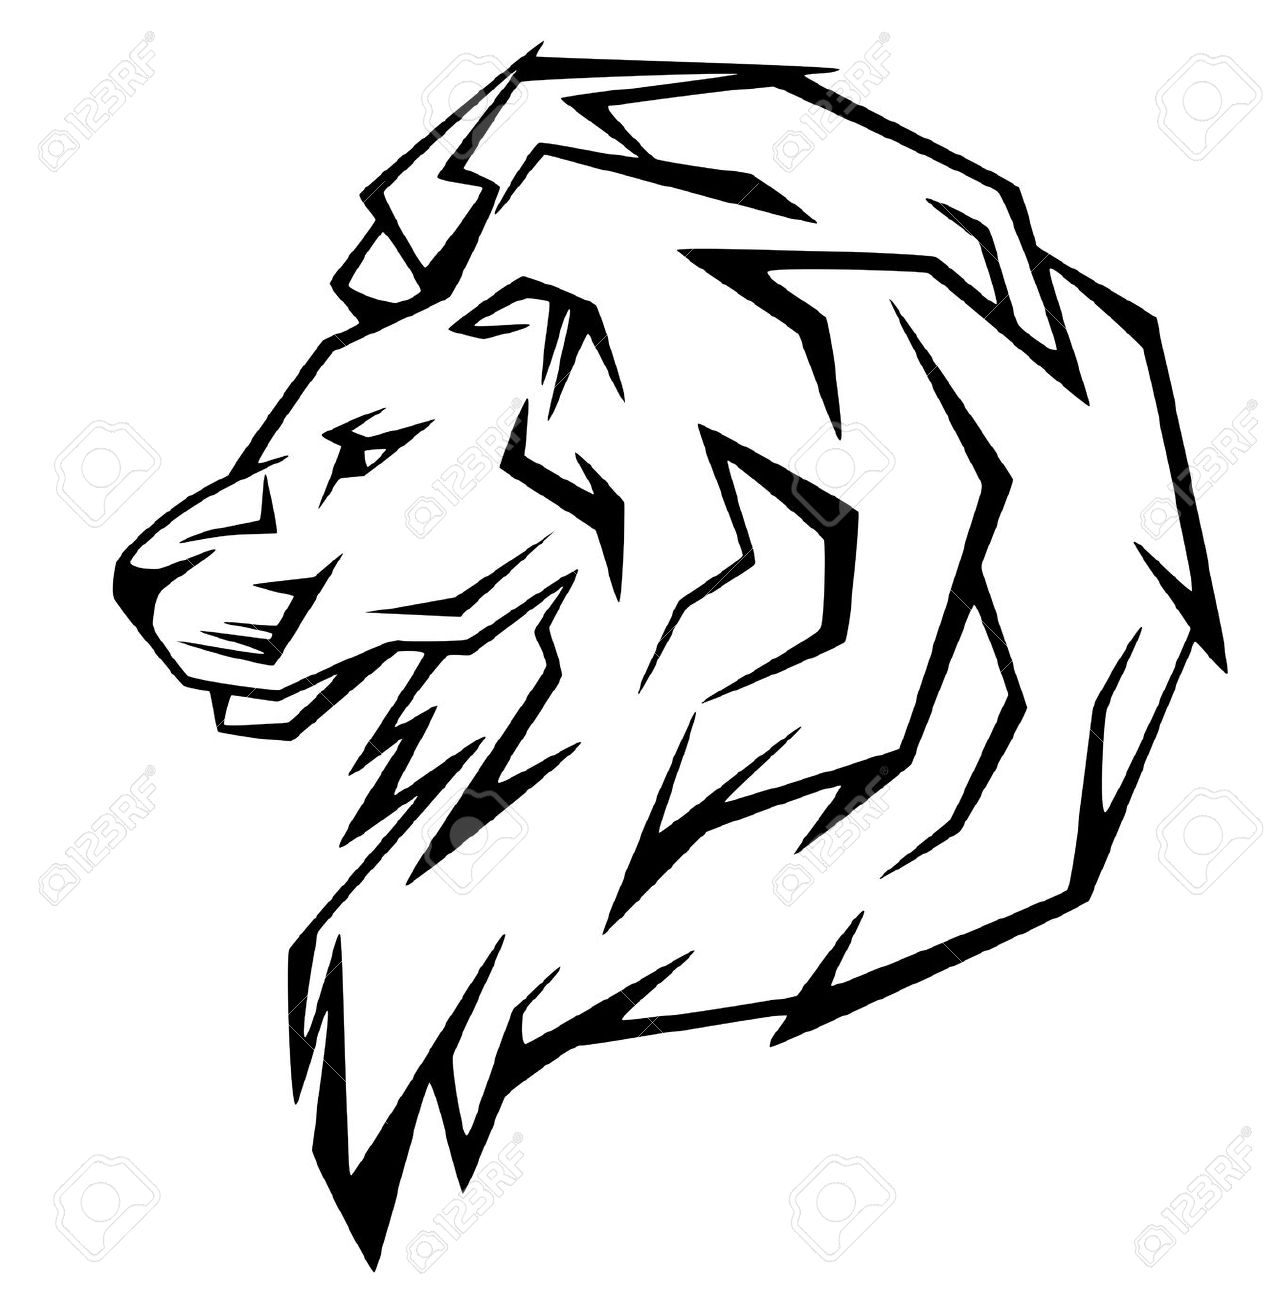 1281x1300 10628475 Lion Head Vector Illustration Stock Vector Logo.jpg (1281